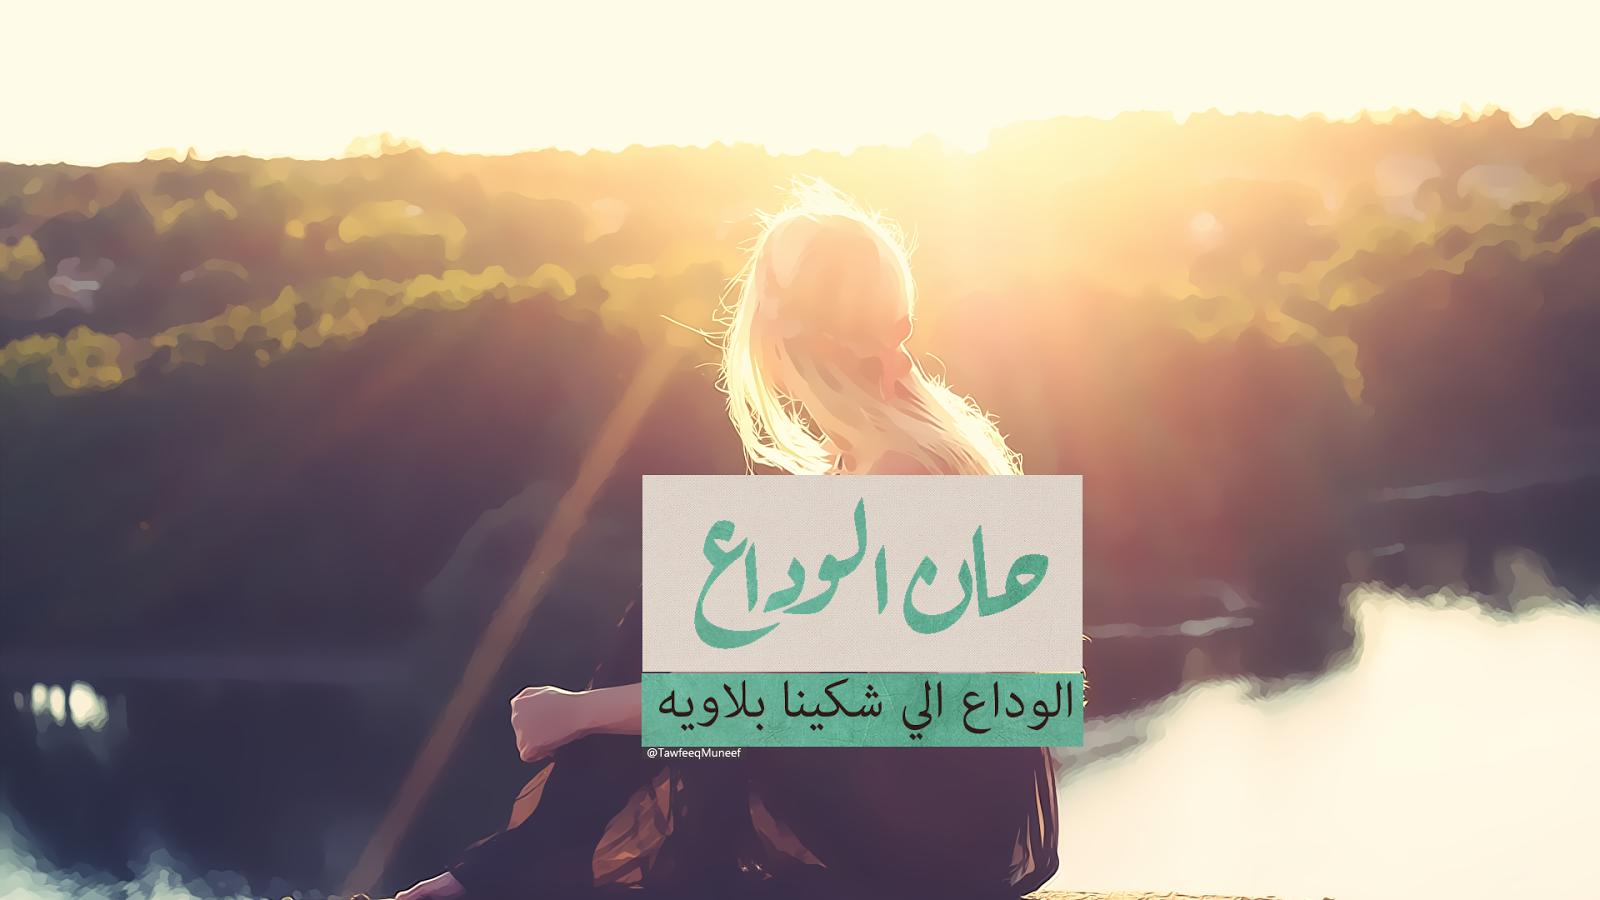 بالصور شعر عن الوداع , اشعار عن الوداع 2304